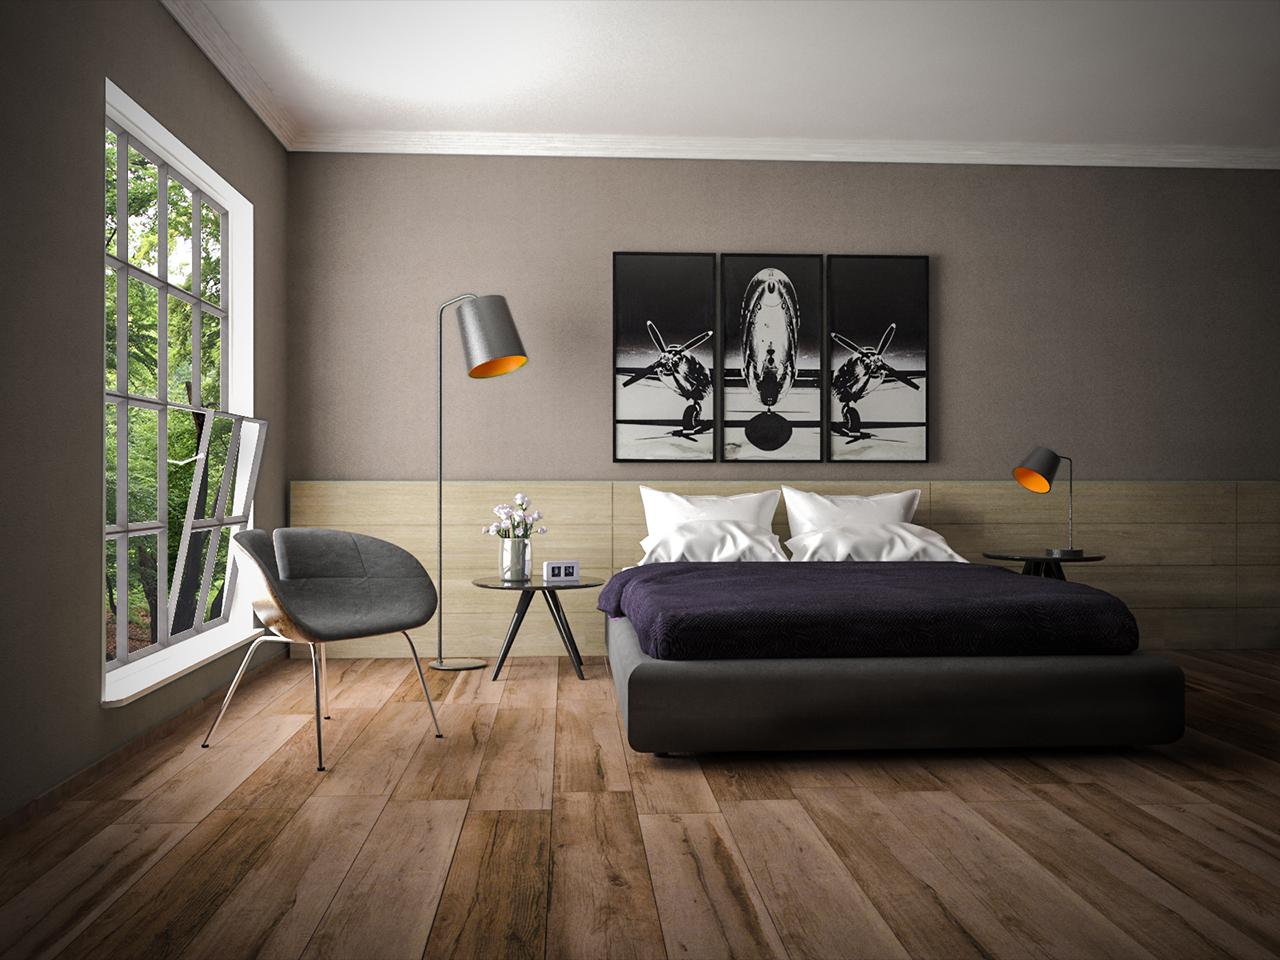 Innenraum-Visualisierung Schlafzimmer